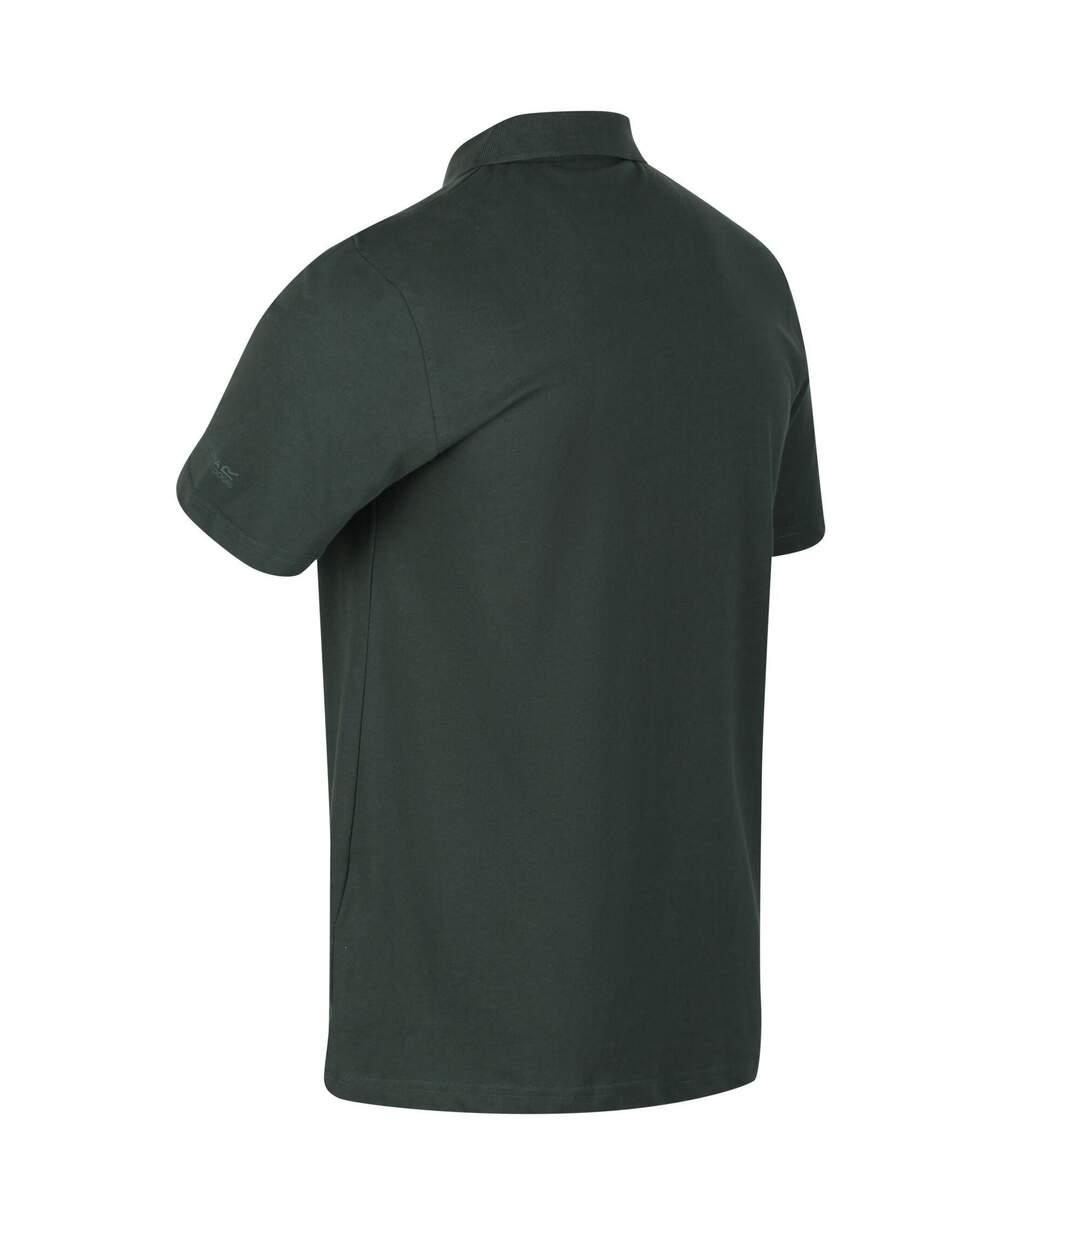 Regatta Mens Sinton Lightweight Polo Shirt (Deep Forest) - UTRG5794